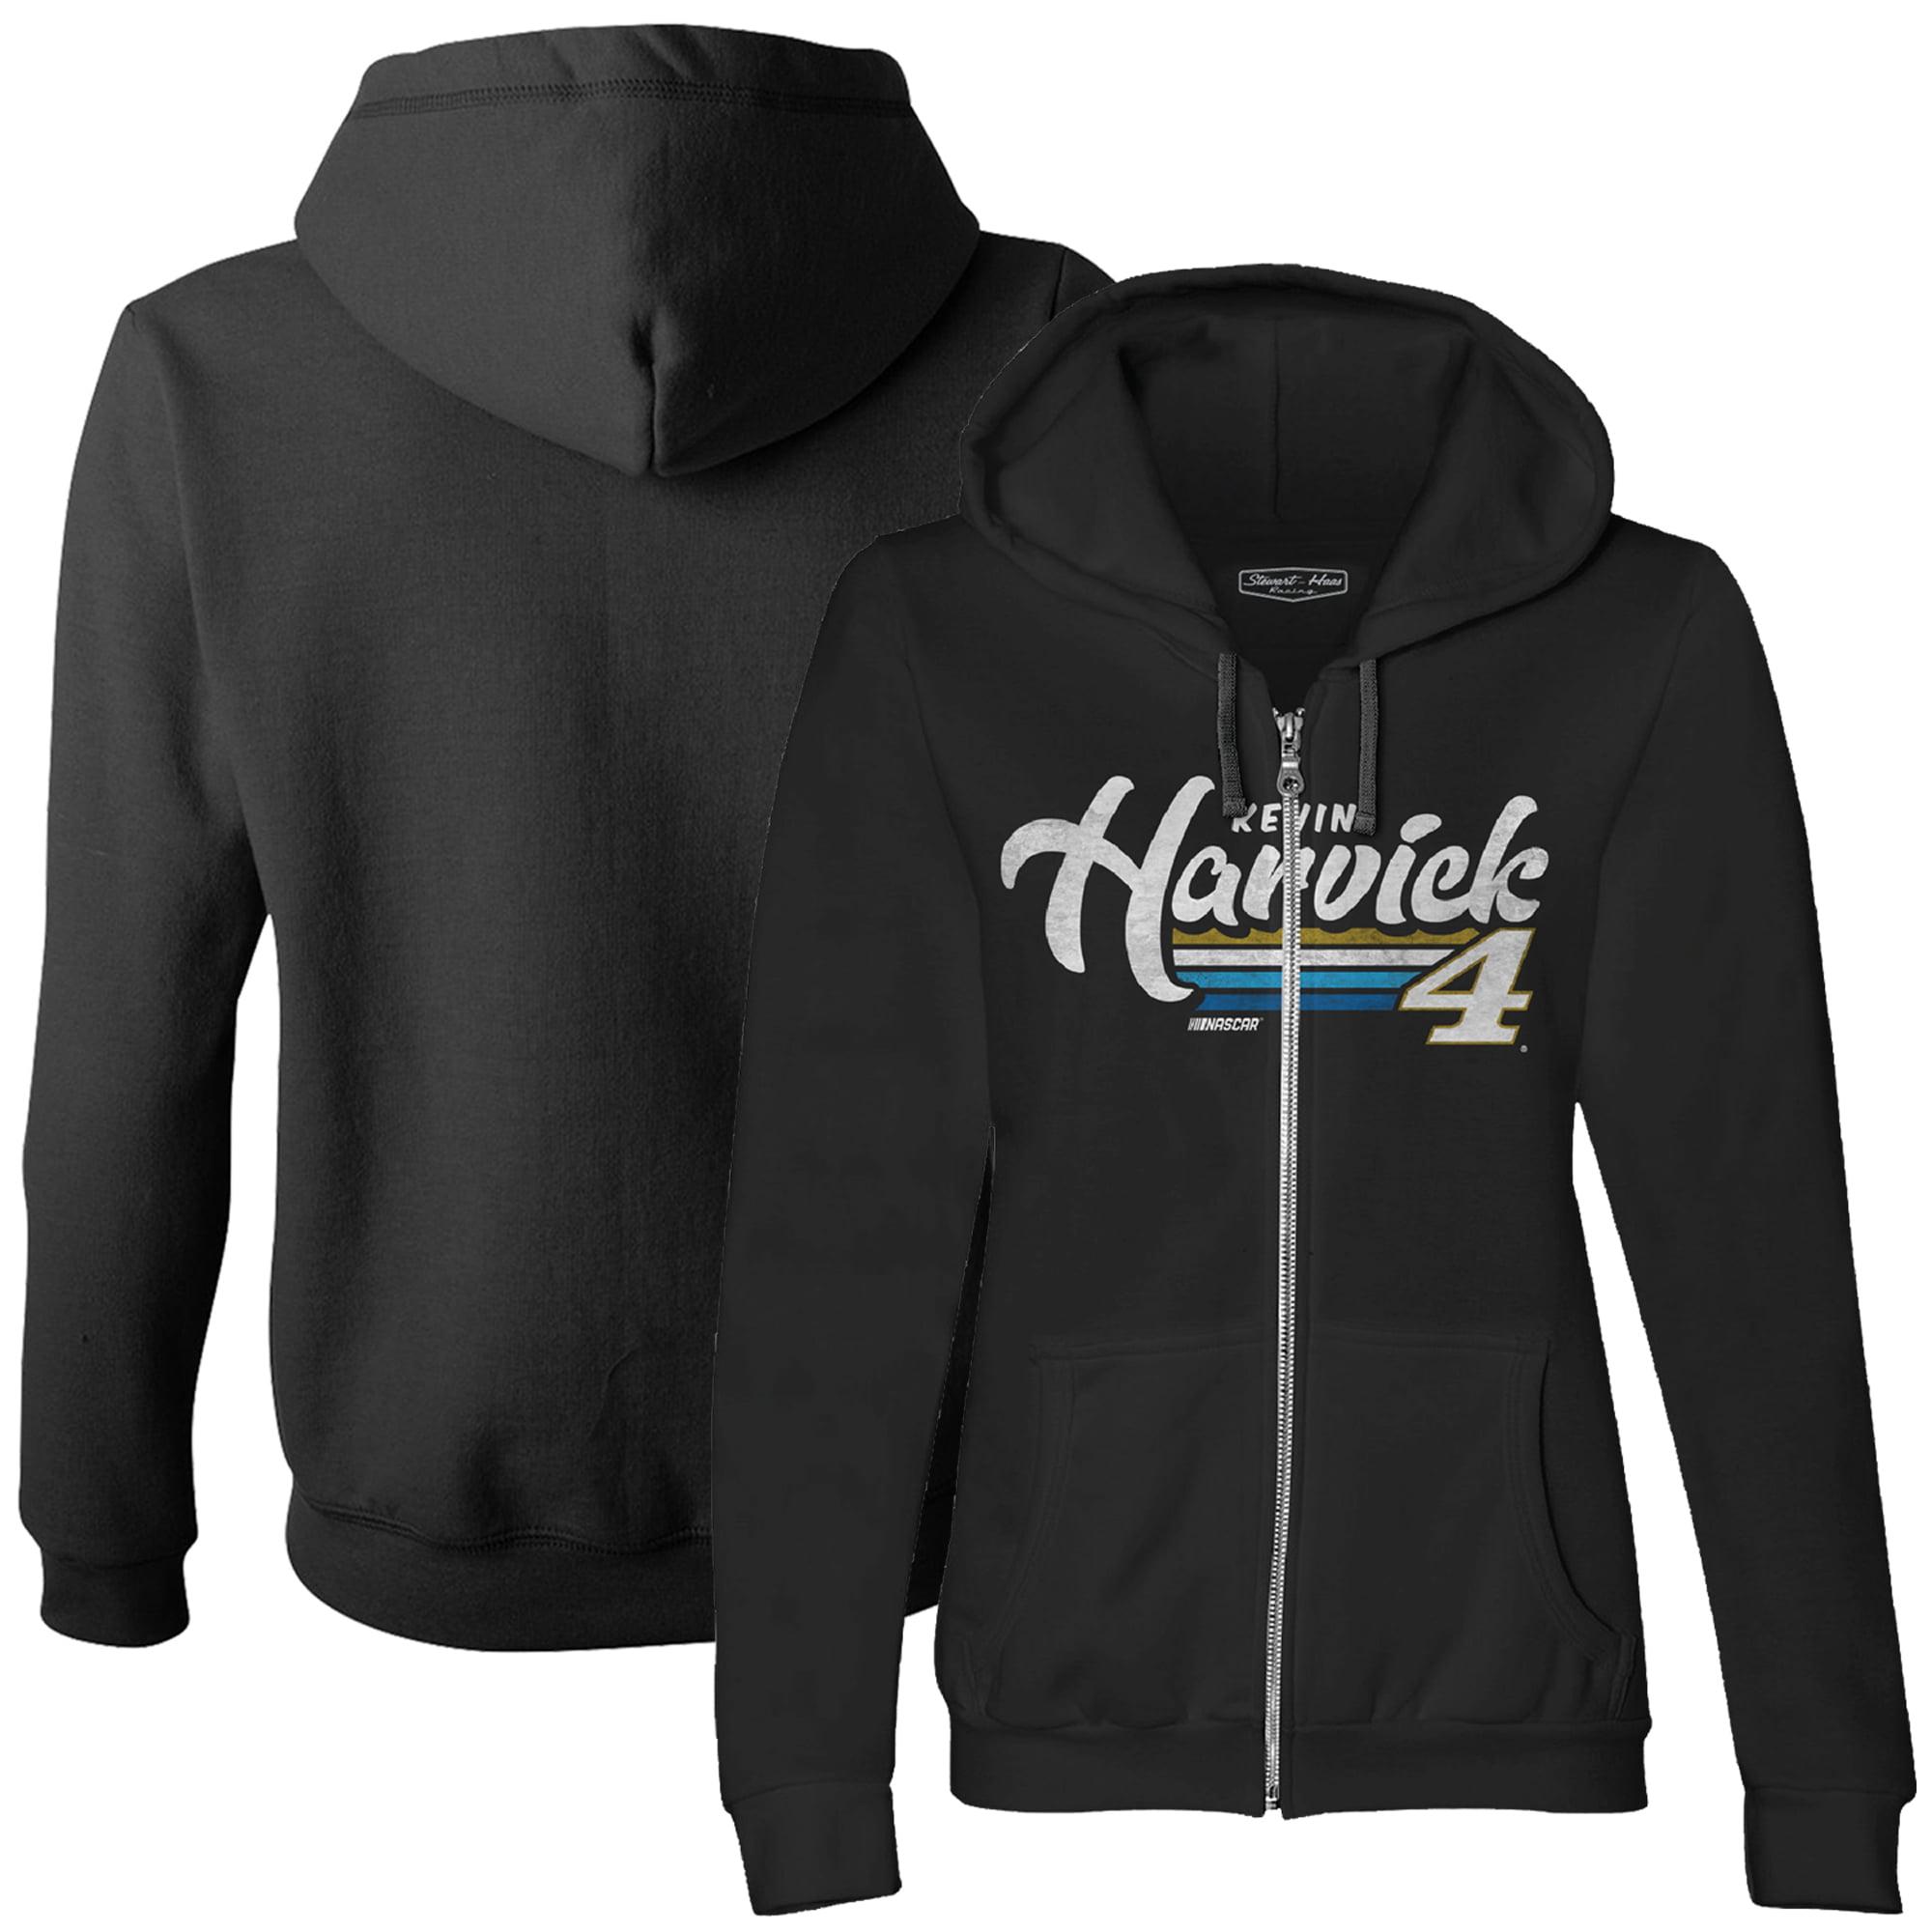 Kevin Harvick Stewart-Haas Racing Team Collection Women's Full-Zip Hoodie - Black